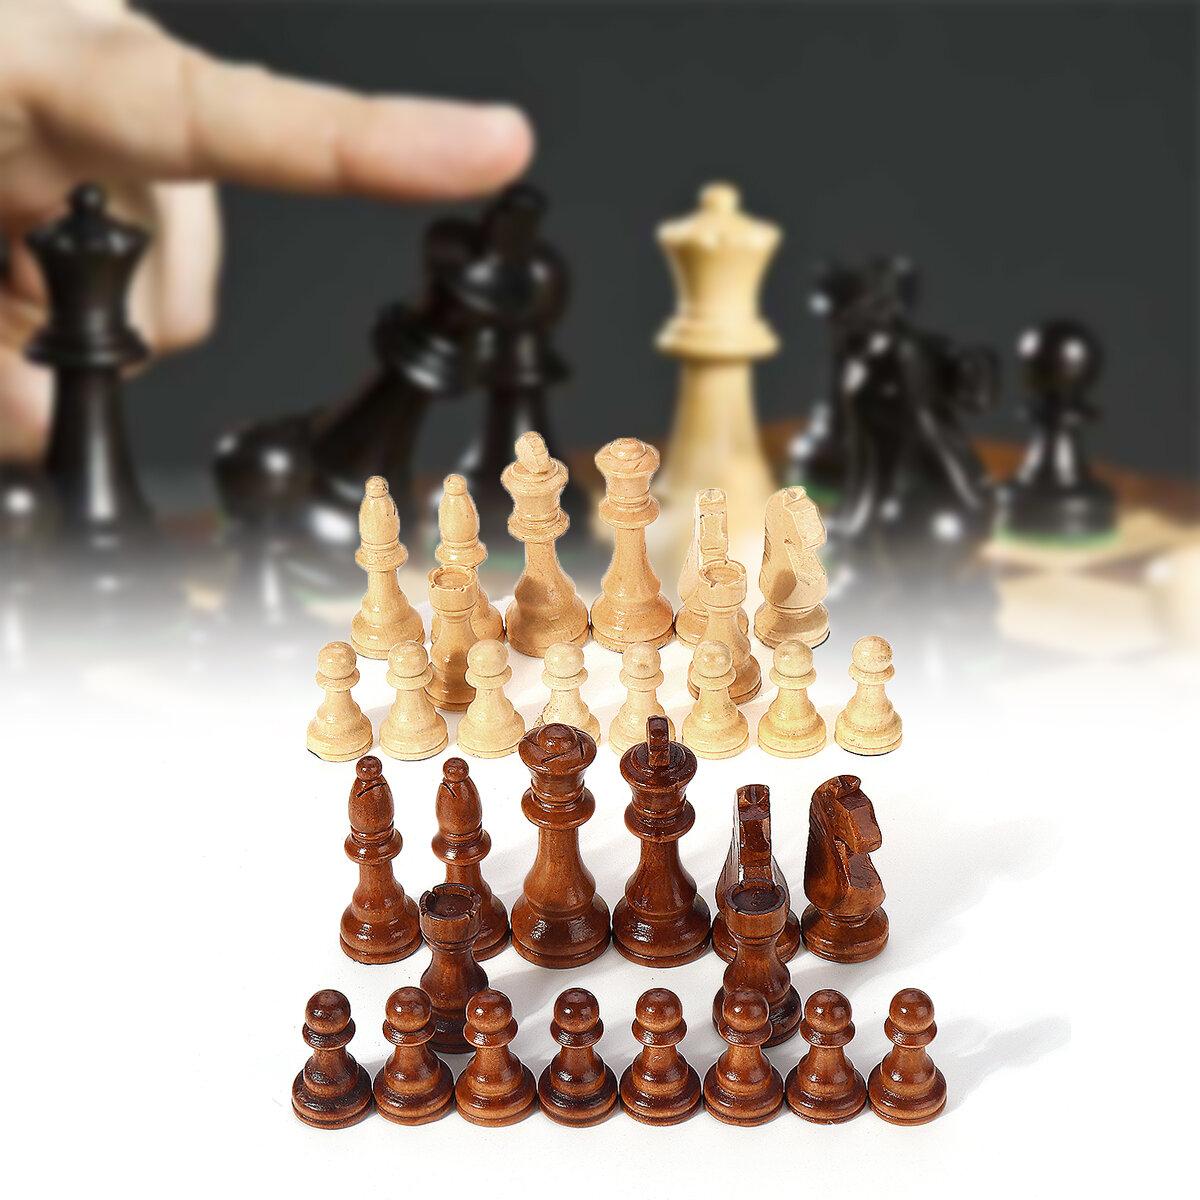 32 قطعة خشبية منحوتة الشطرنج 10.5cm الملك Chessman اليد وضعت مجموعة الترفيه في الهواء الطلق لعبة